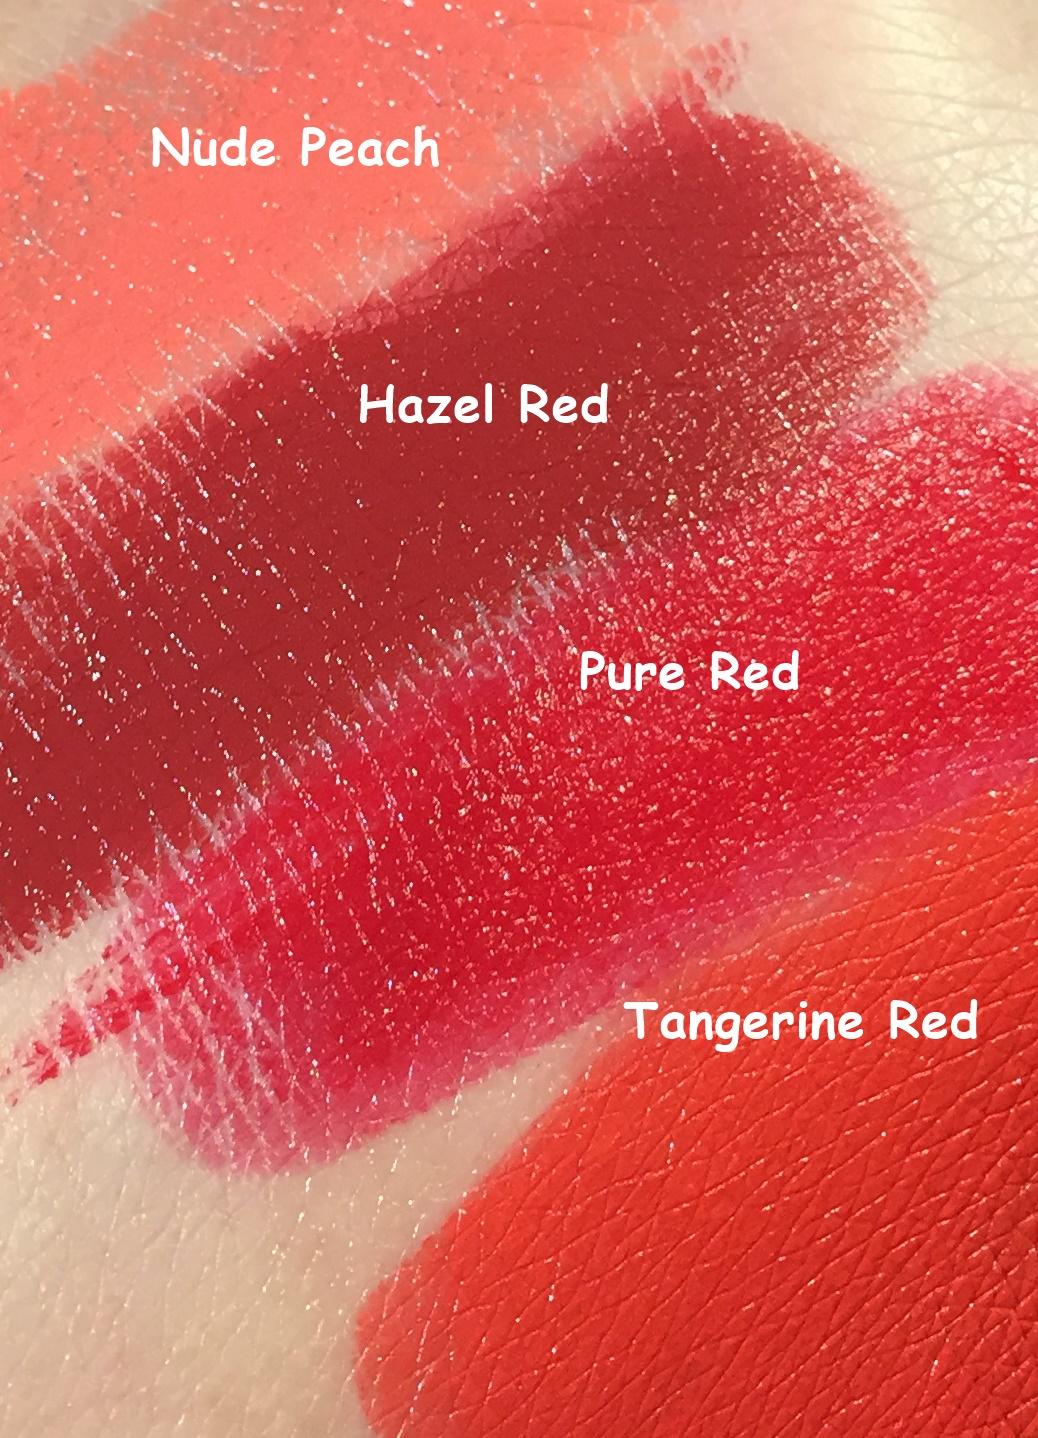 Læbestifter, Rituals, Rituals Makeup, Lips, Krummeskrummelurer, Tangerine Red, Hazel Red, Pure Red, Nude Peach